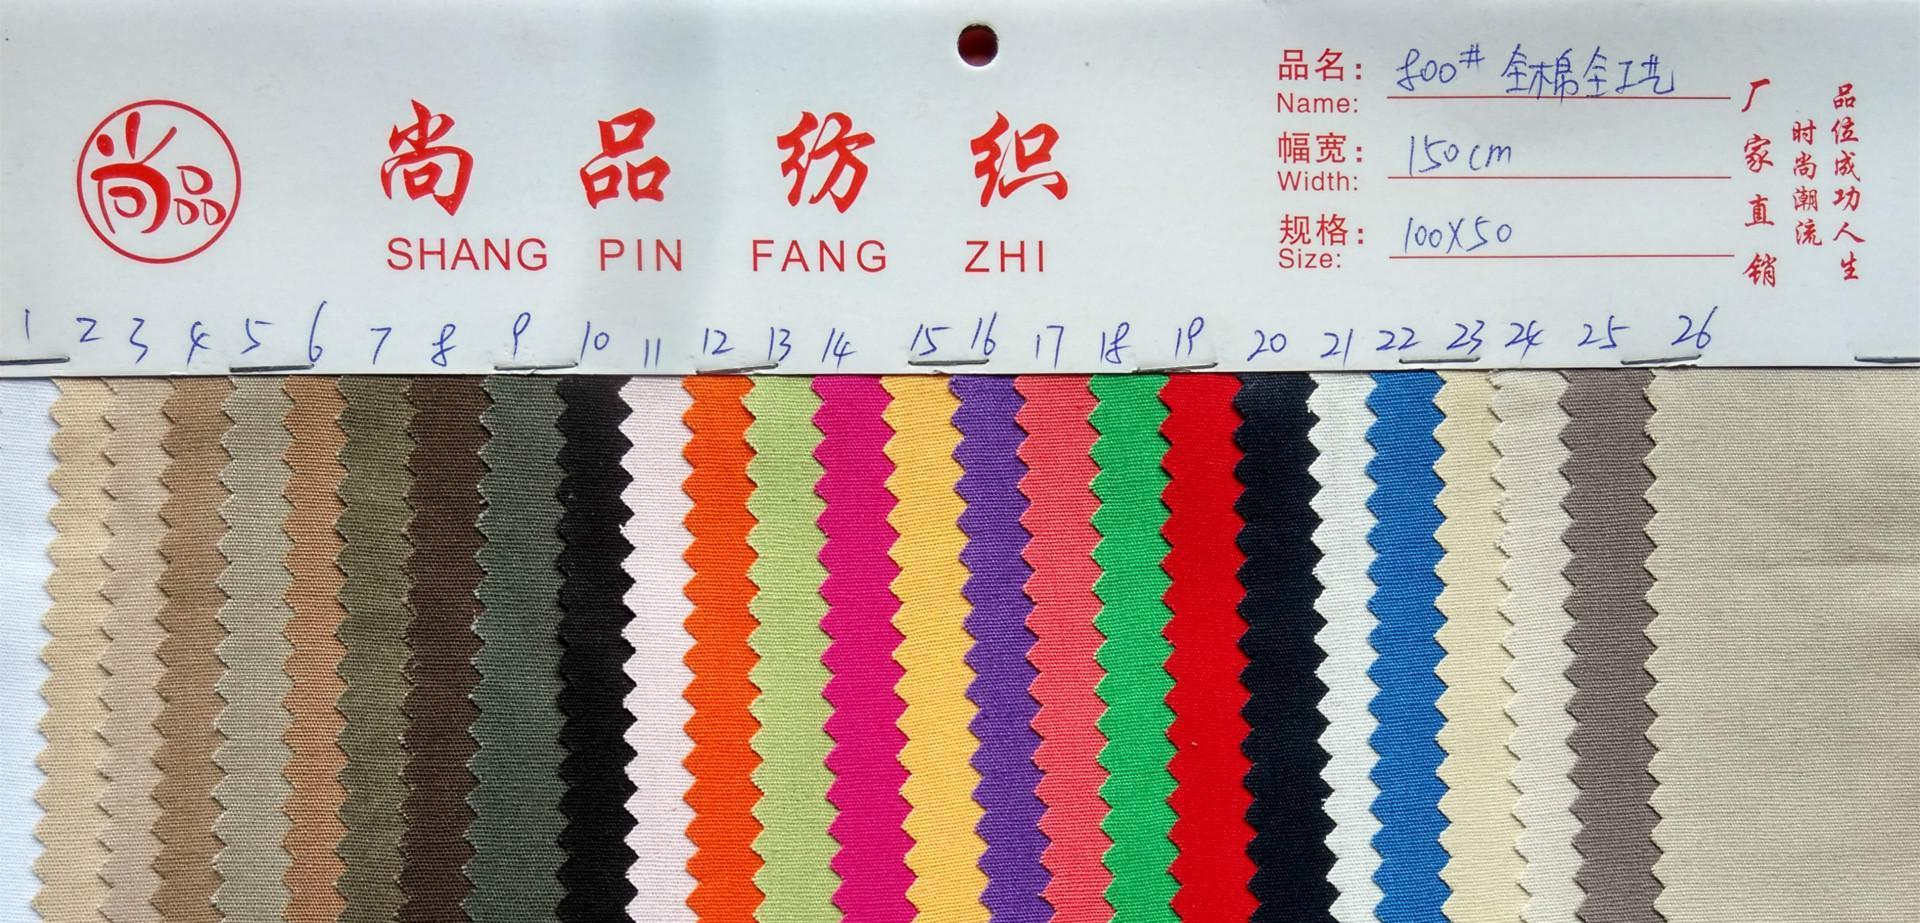 全棉6安珠帆平纹布 纯棉10050细珠帆全工艺服装用布示例图3